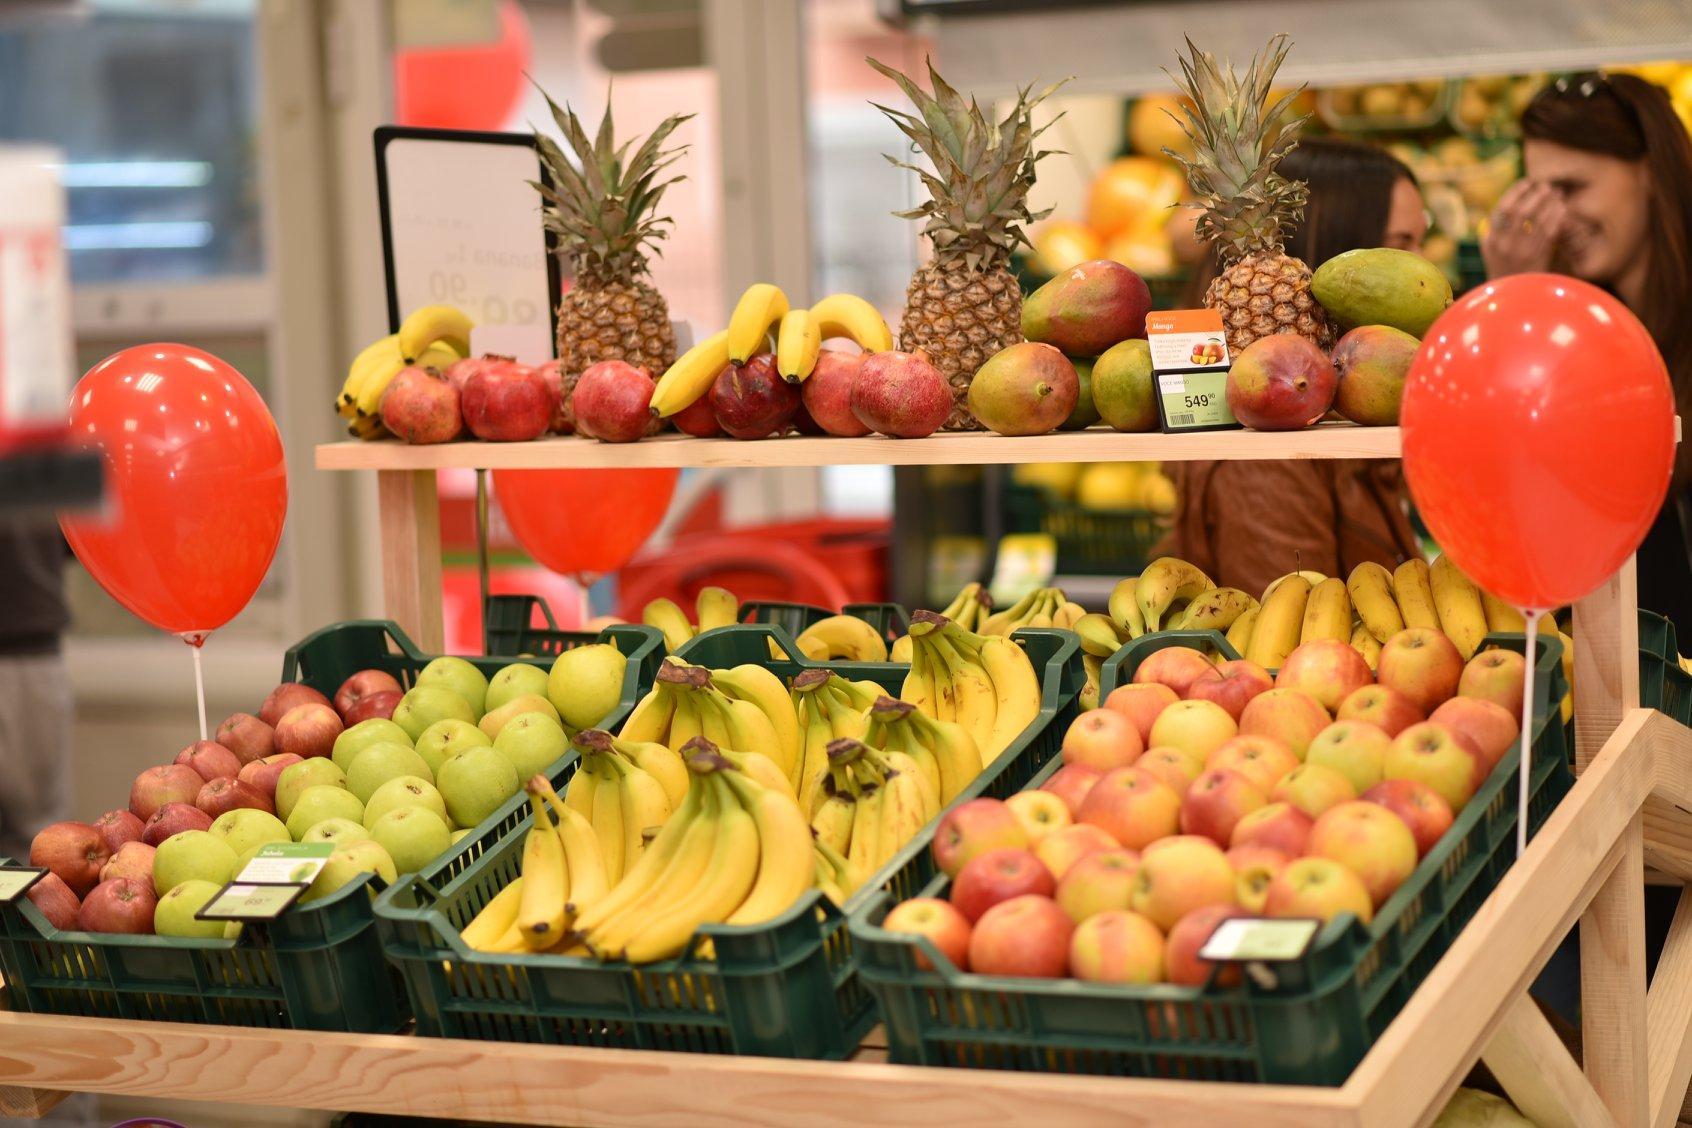 PerSu marketi, mesto Vaše kupovine - preko 200 proizvoda po super cenama